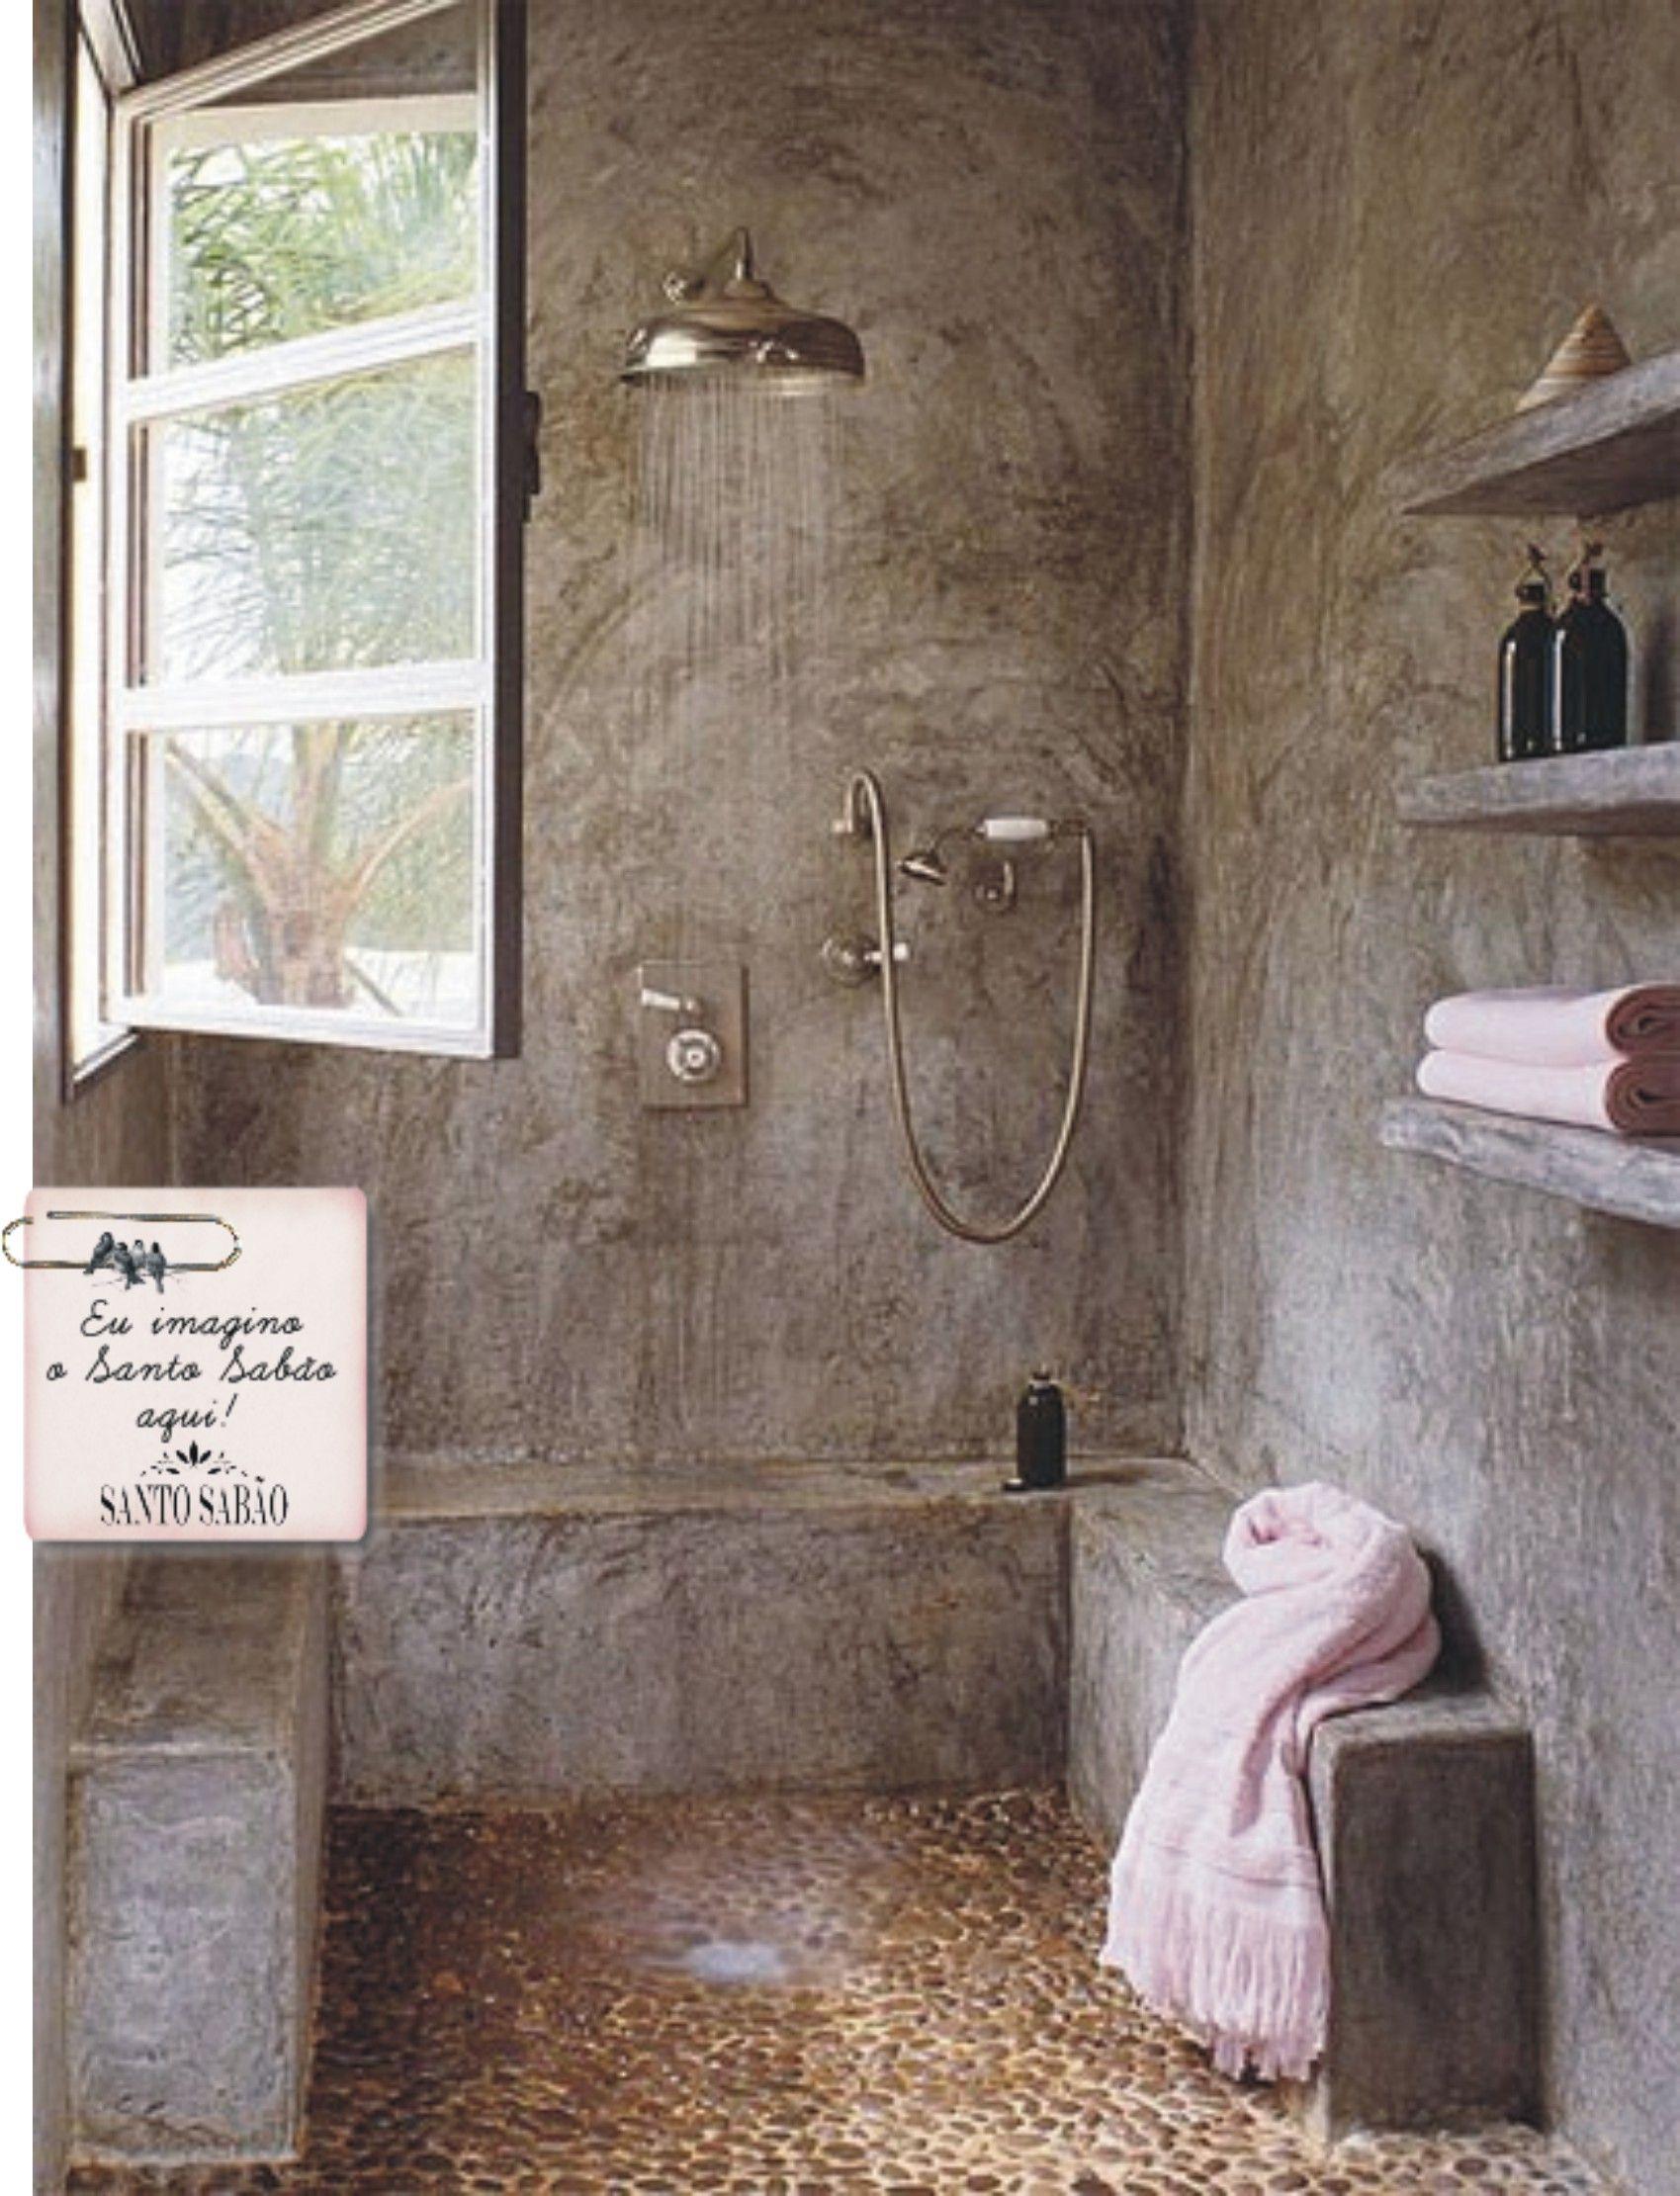 santosabao.com.br » queria tomar banho aqui……